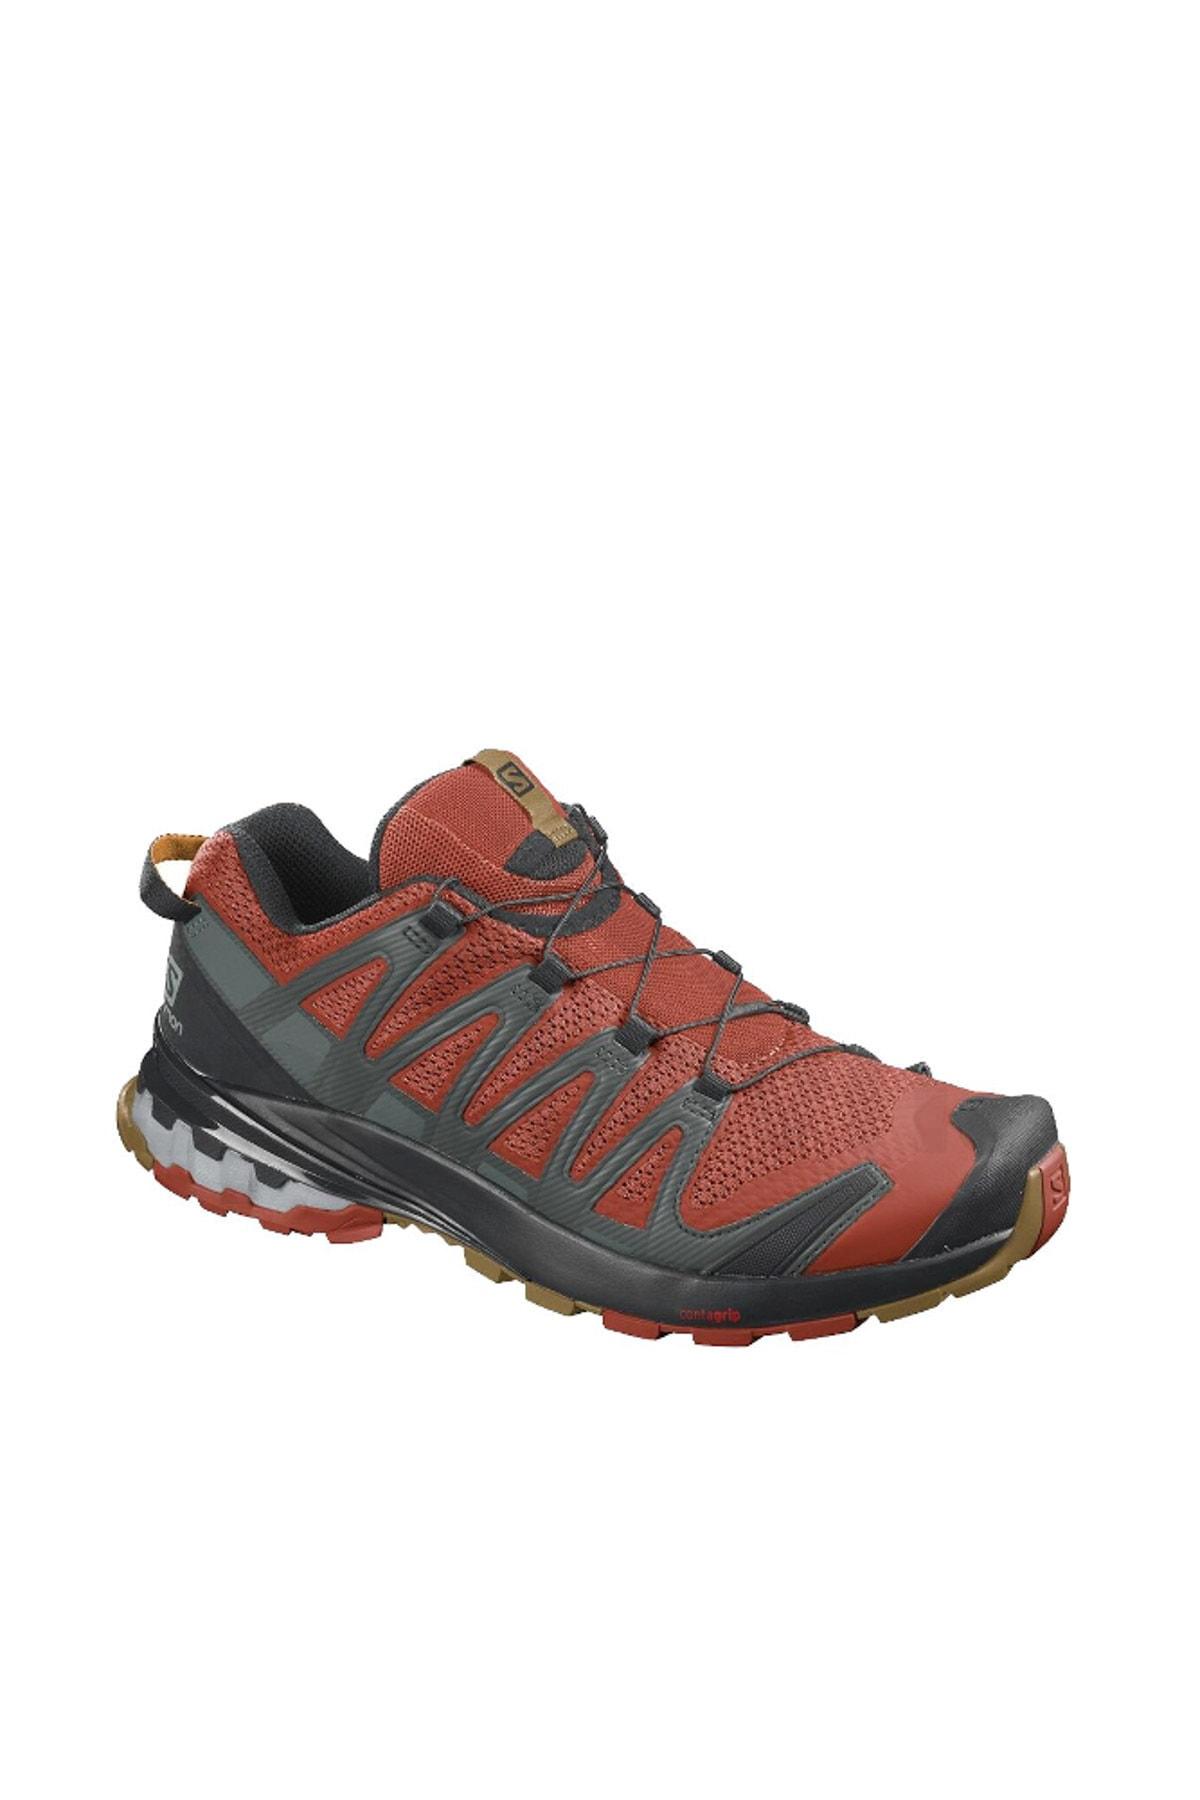 سفارش انلاین کفش کوهنوردی ساده برند Salomon رنگ متالیک کد ty87571559